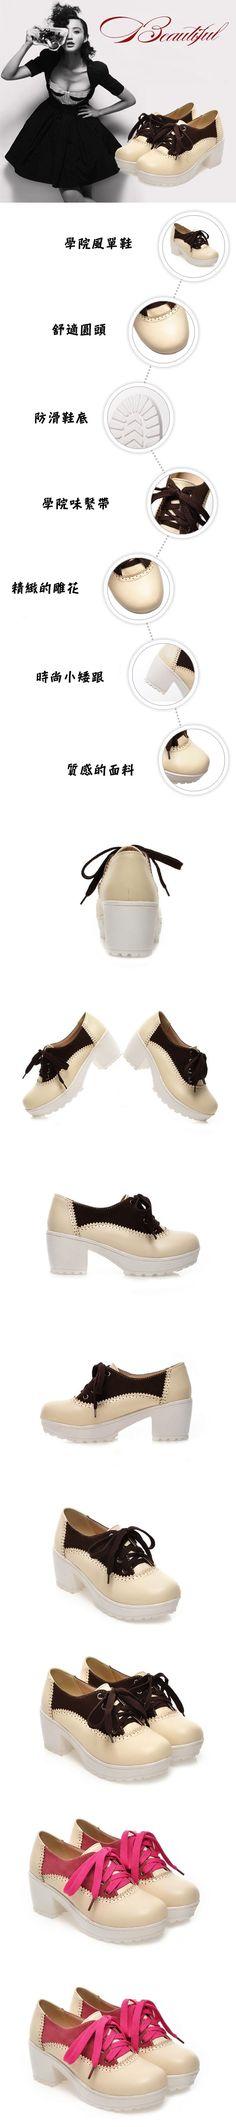 米蘭精品  台灣樂天市場:高跟鞋 女鞋子-時尚優雅亮麗女休閒鞋2色53x6【韓國進口】【米蘭精品】